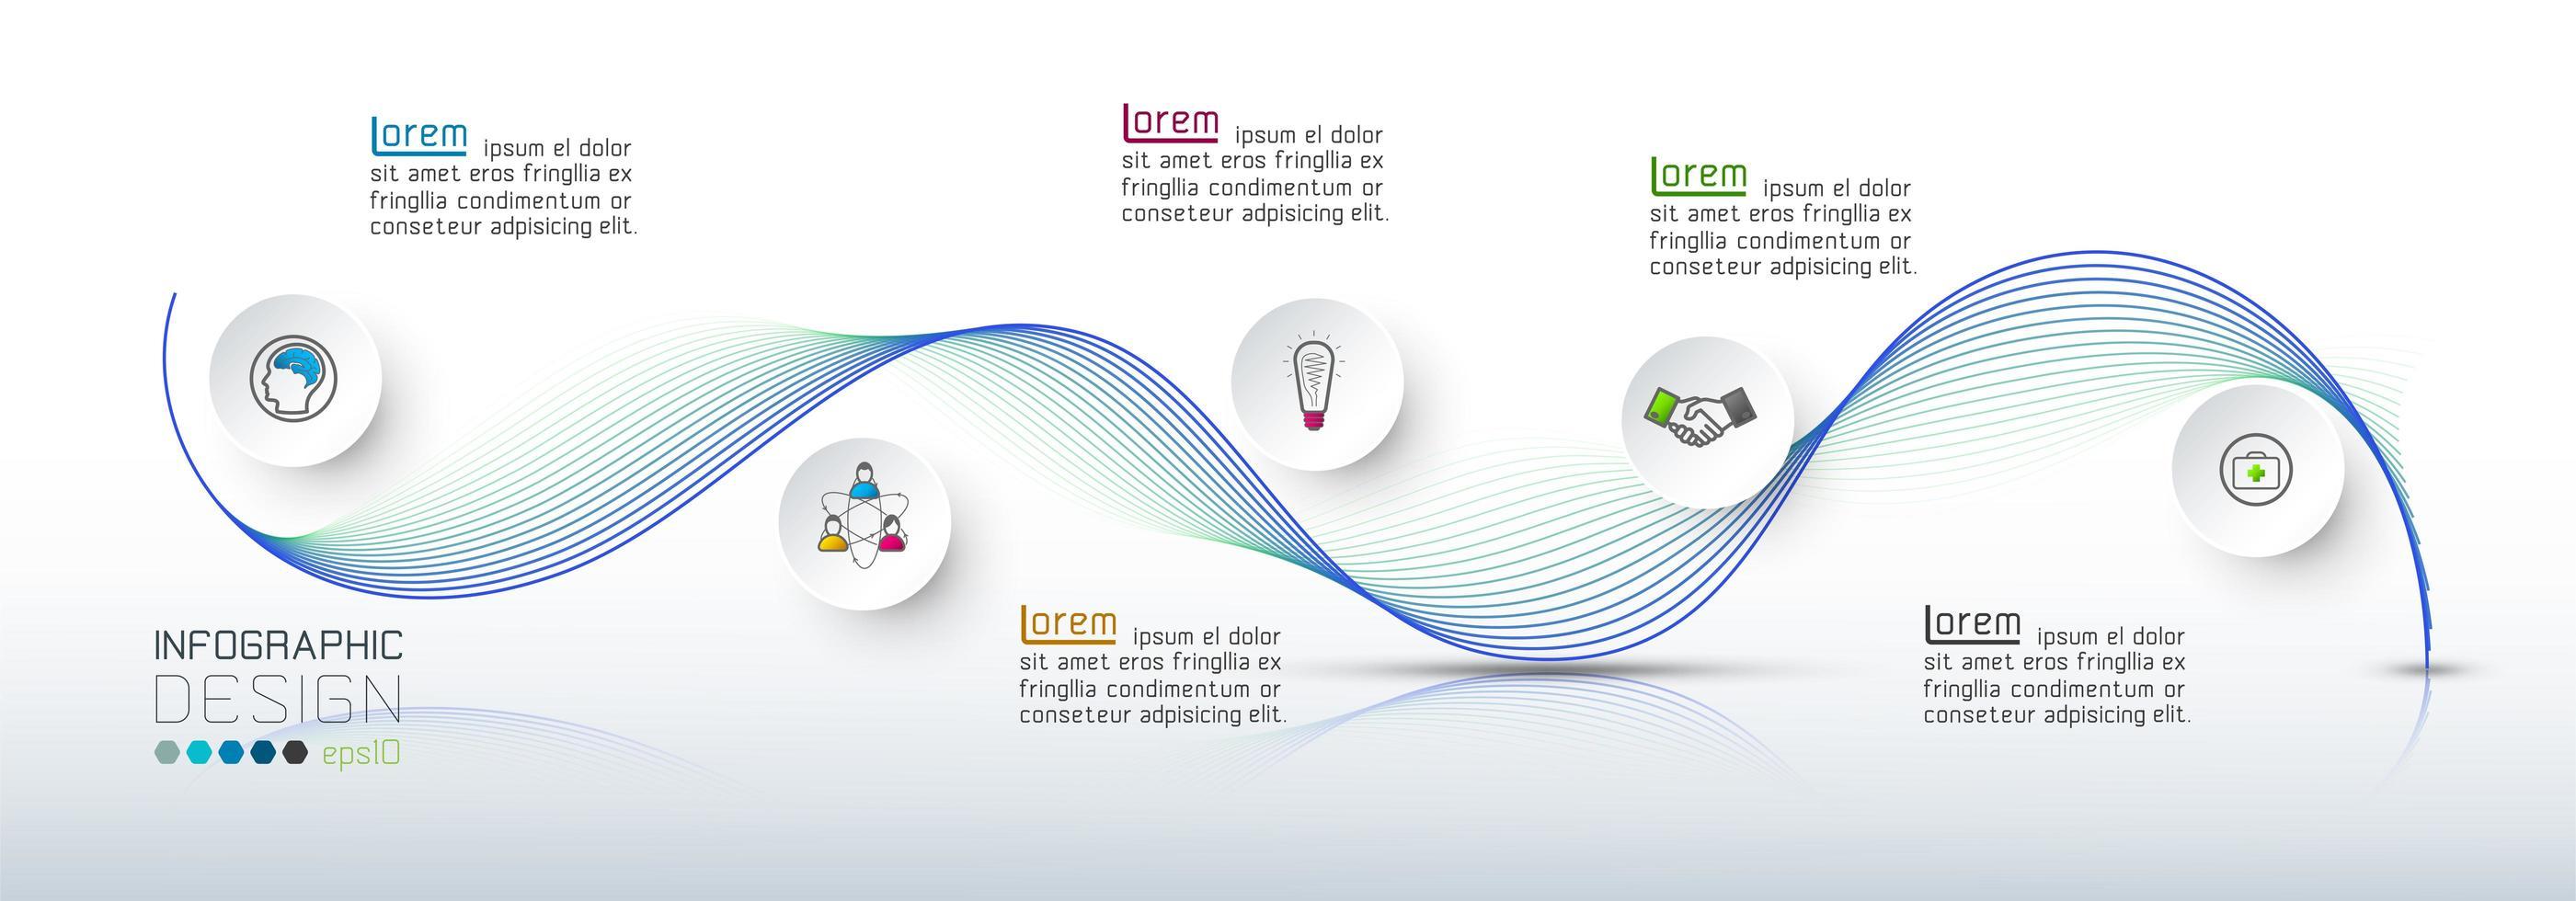 innovatie technologie structuur presentatie voor het bedrijfsleven vector